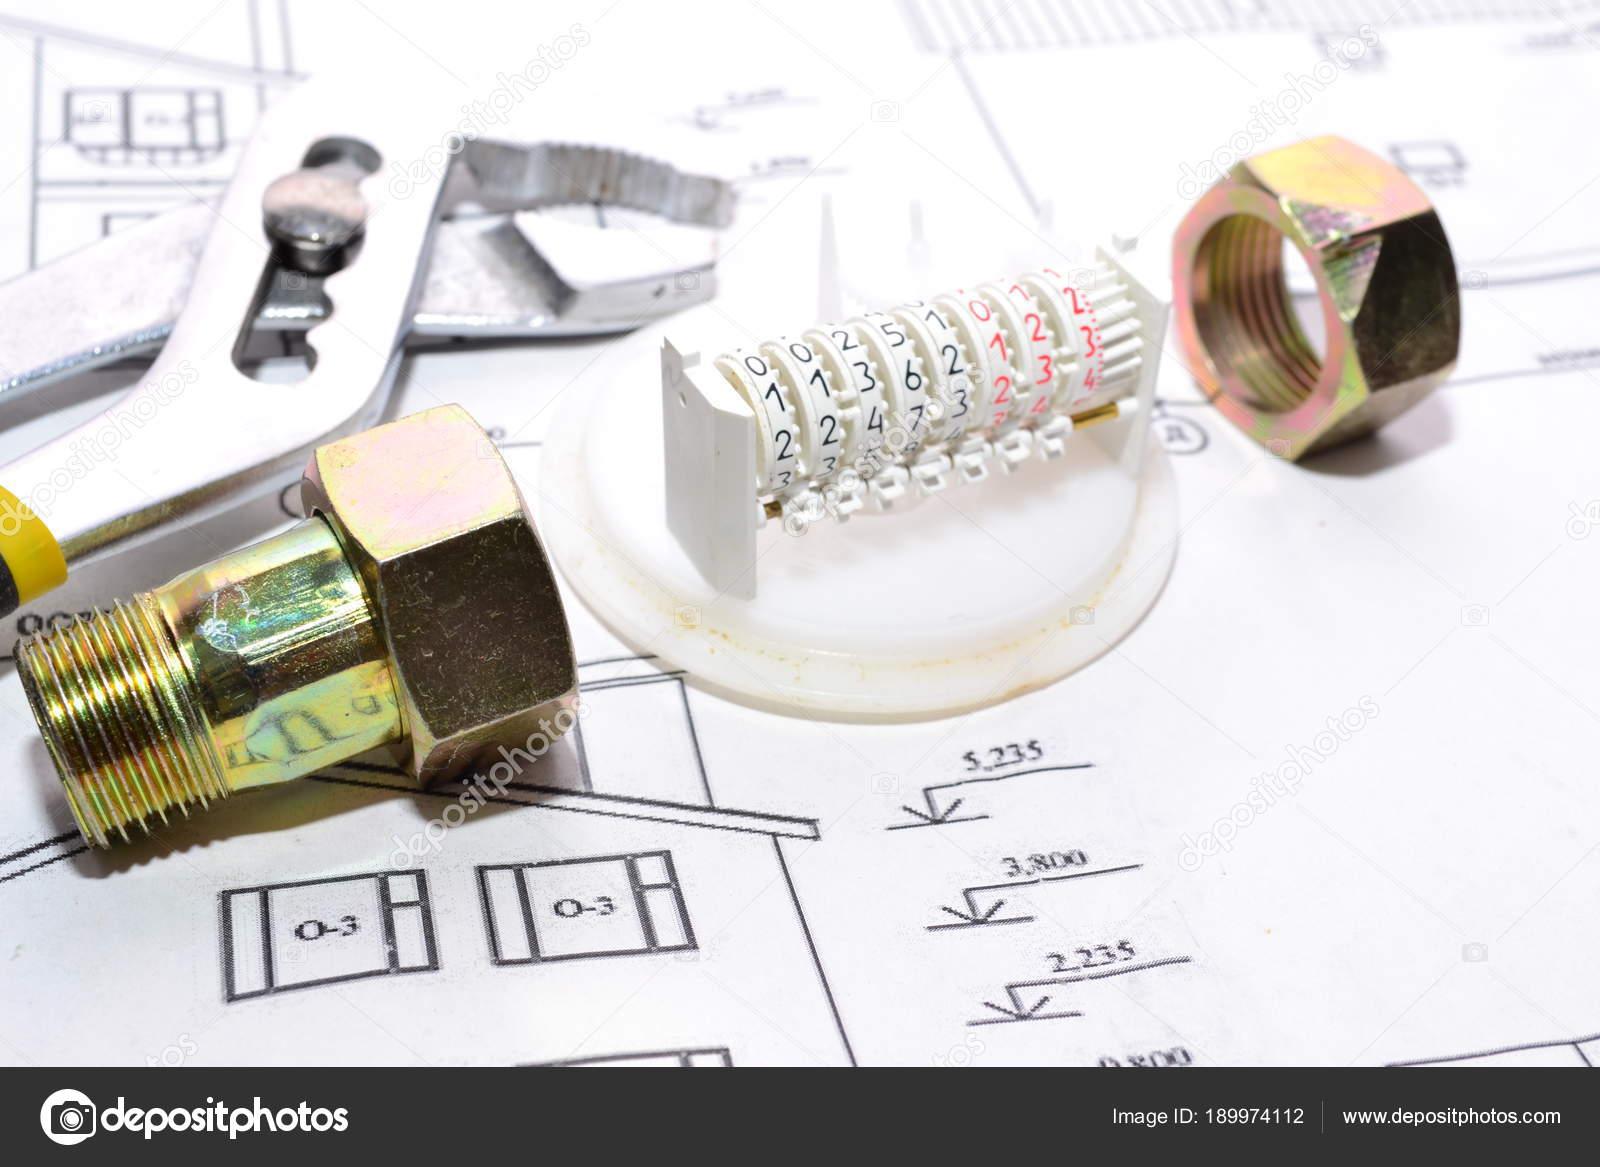 Badkamer Bad Installeren : Het installeren van een bad in de badkamer u stockfoto maikal